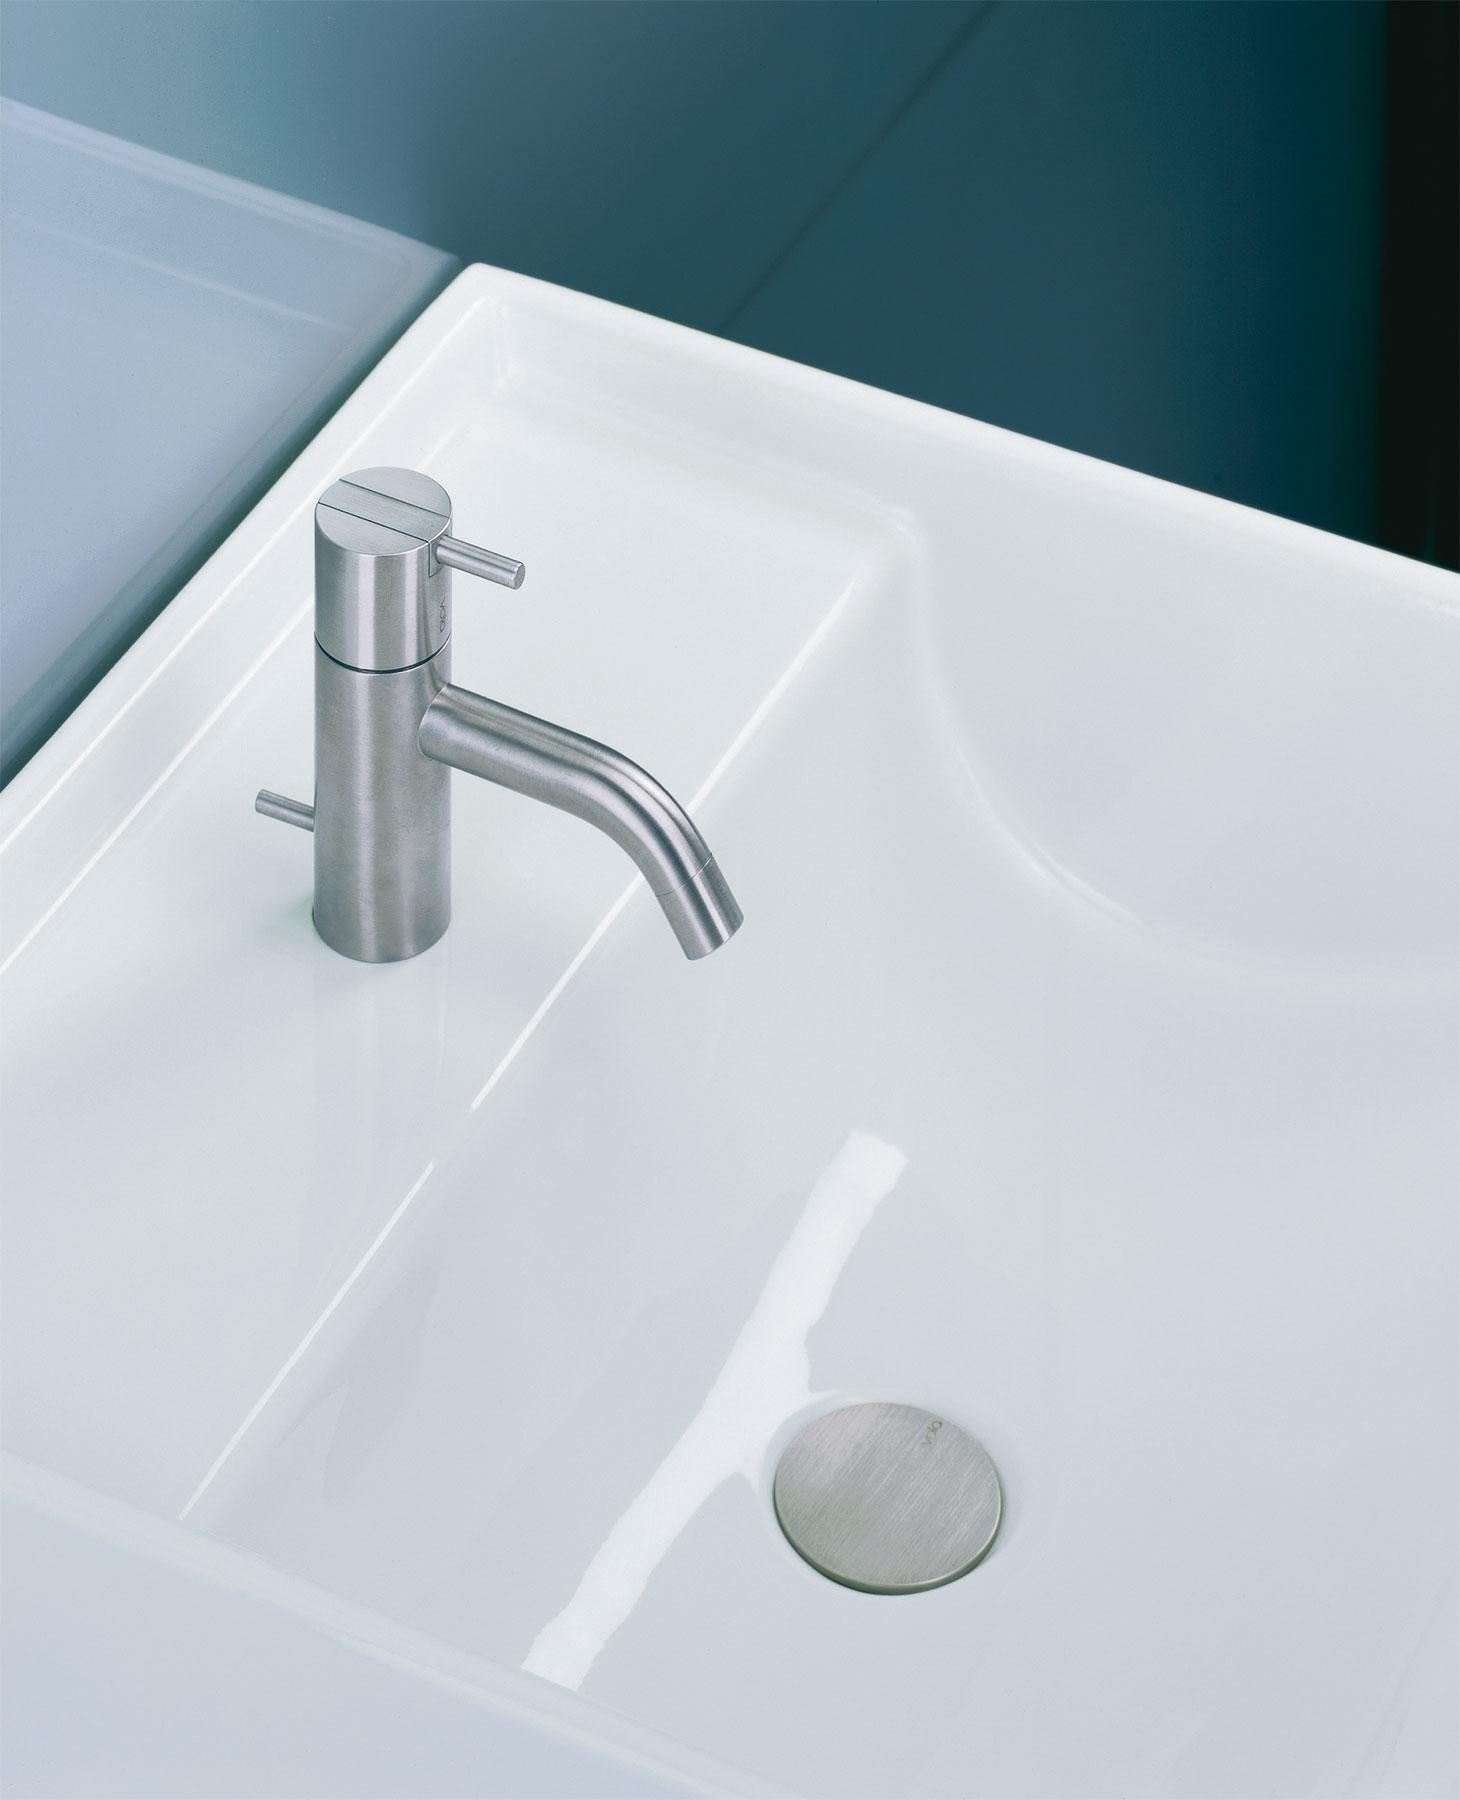 Modern Vola Deck Mount Faucet